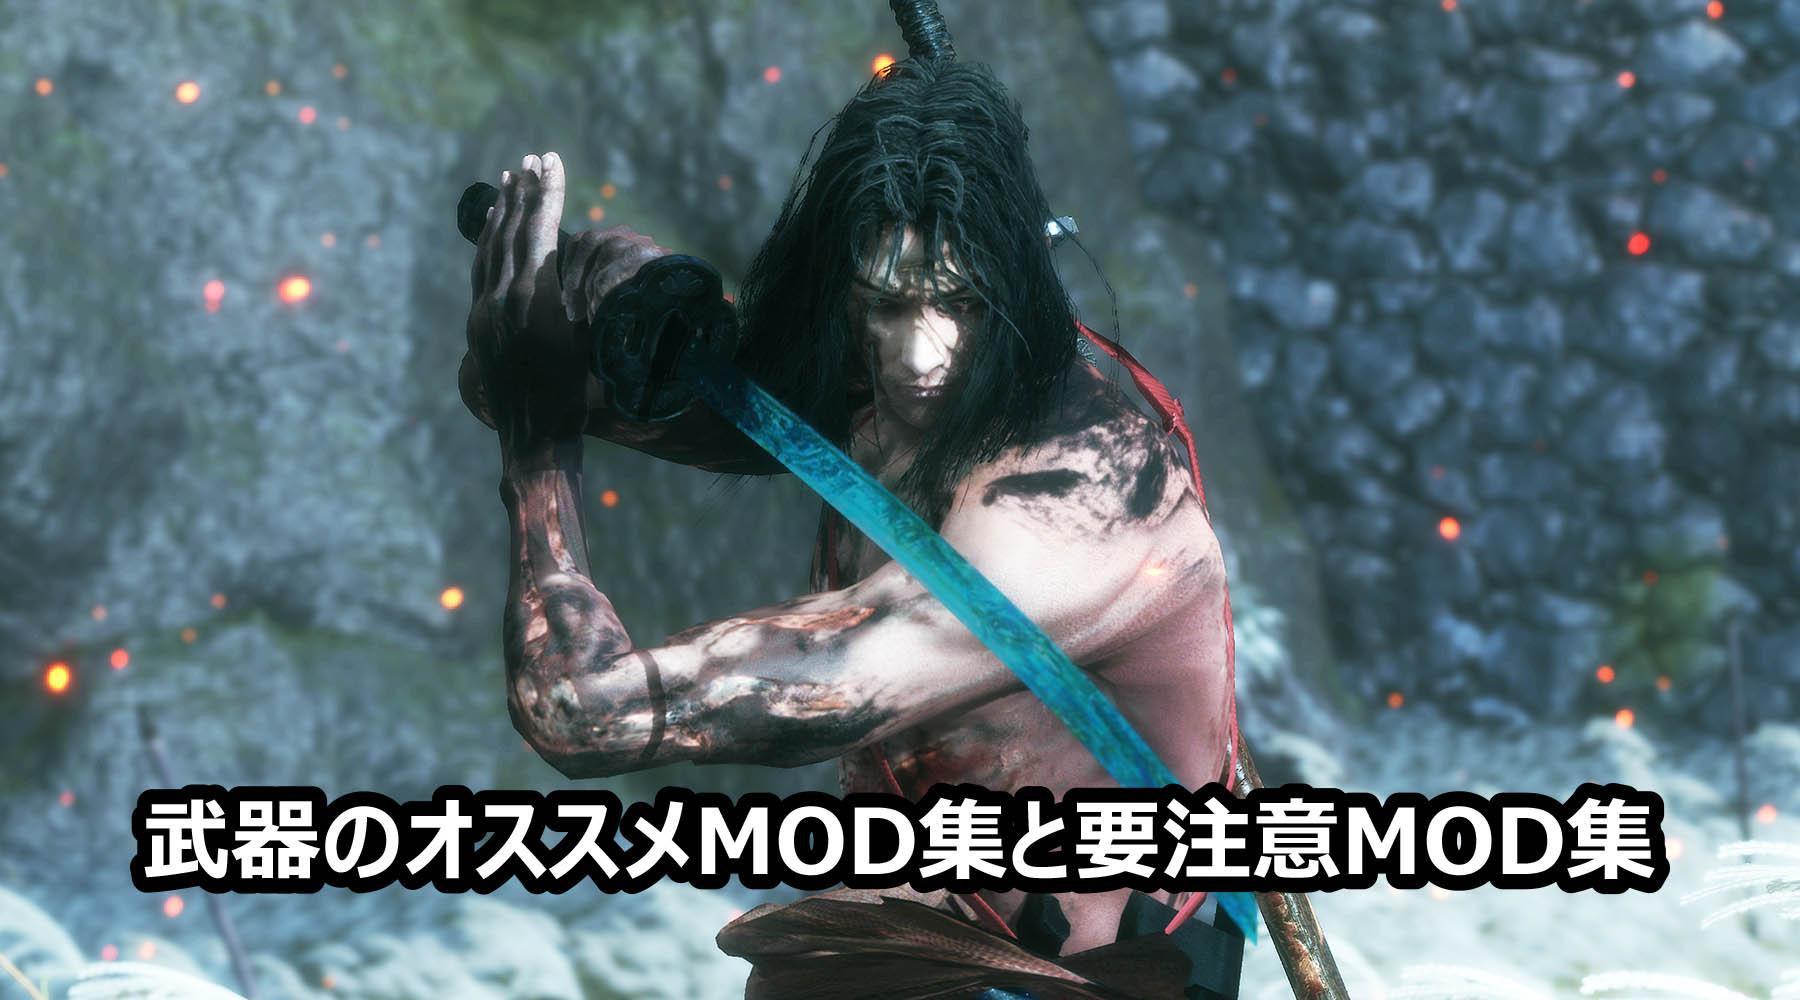 sekiroのオススメ武器MODを紹介するアイキャッチ画像